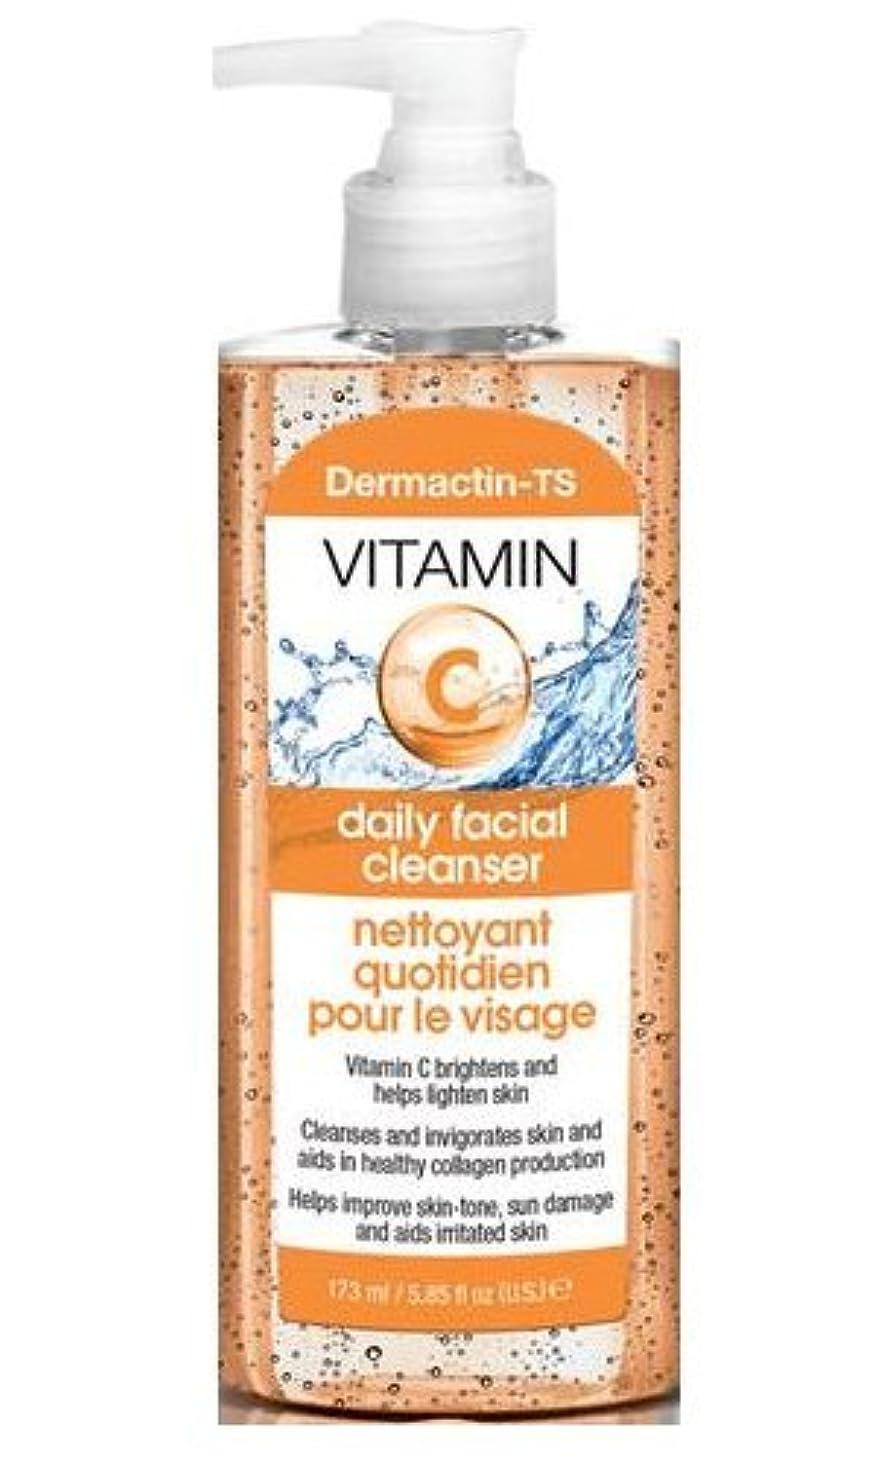 深遠常に衣装Dermactin-TS ビタミンCフェイシャルクレンザー165g (並行輸入品)